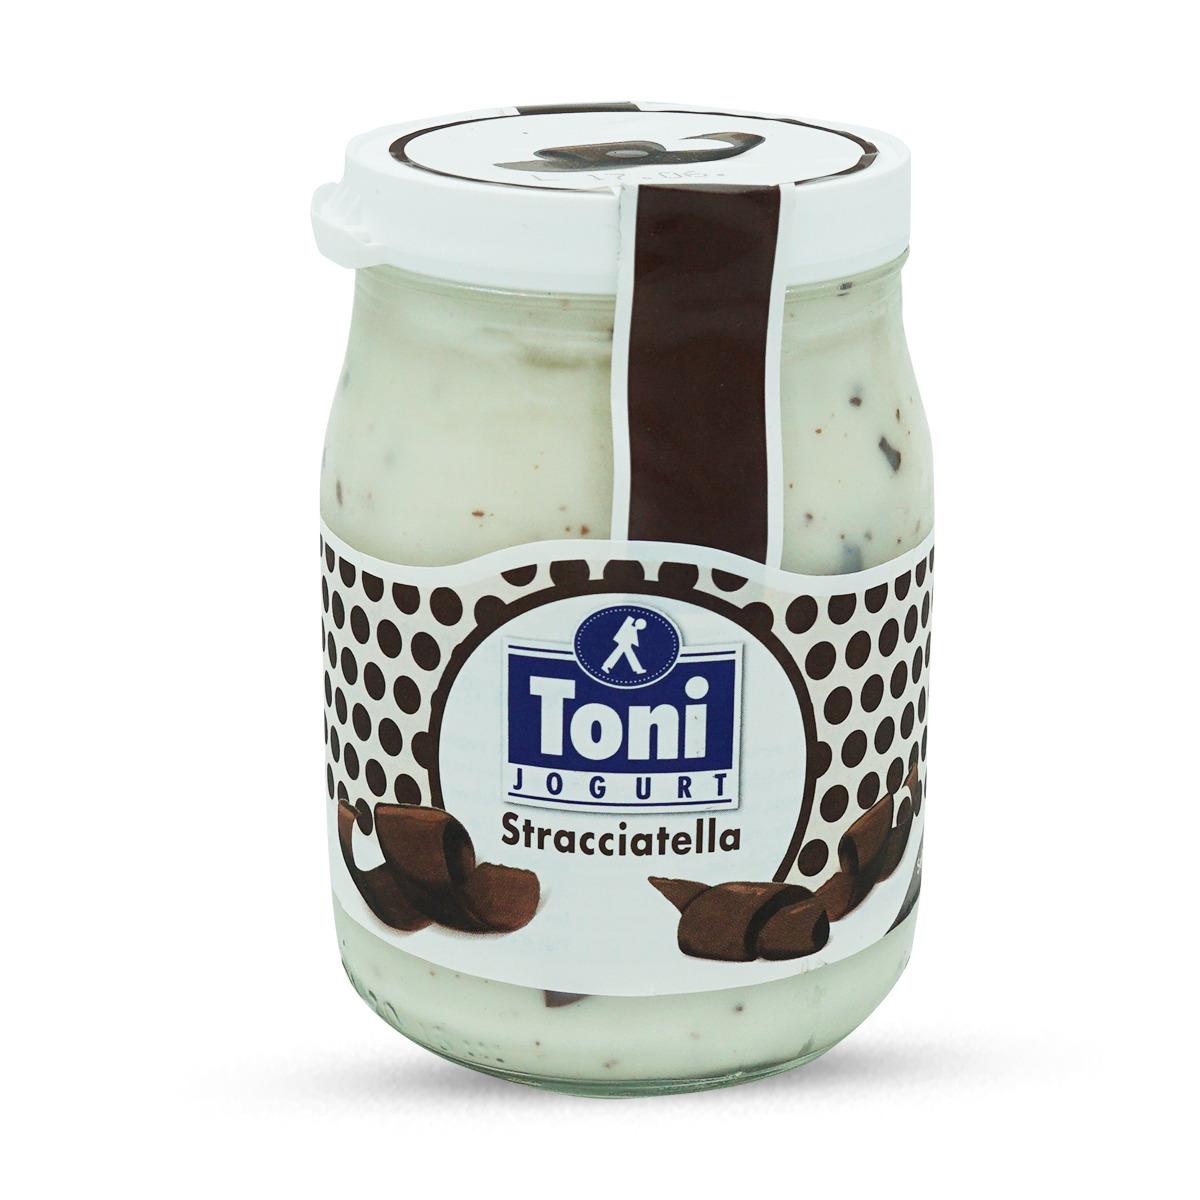 Toni Jogurt Stracciatella